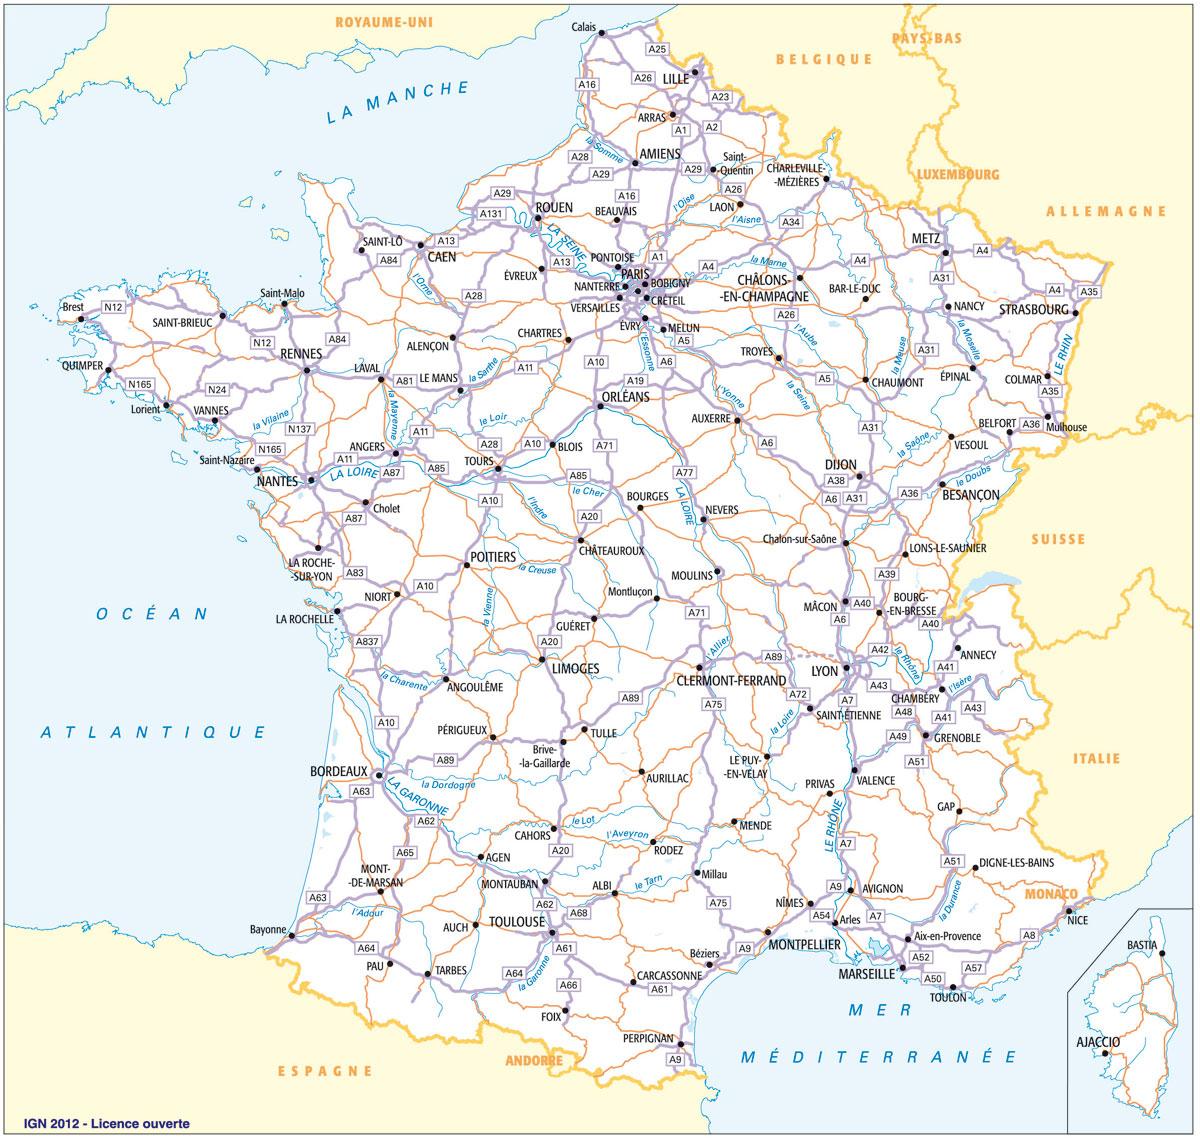 Cartograf.fr : Carte France : Page 3 concernant Carte De France Vierge Nouvelles Régions